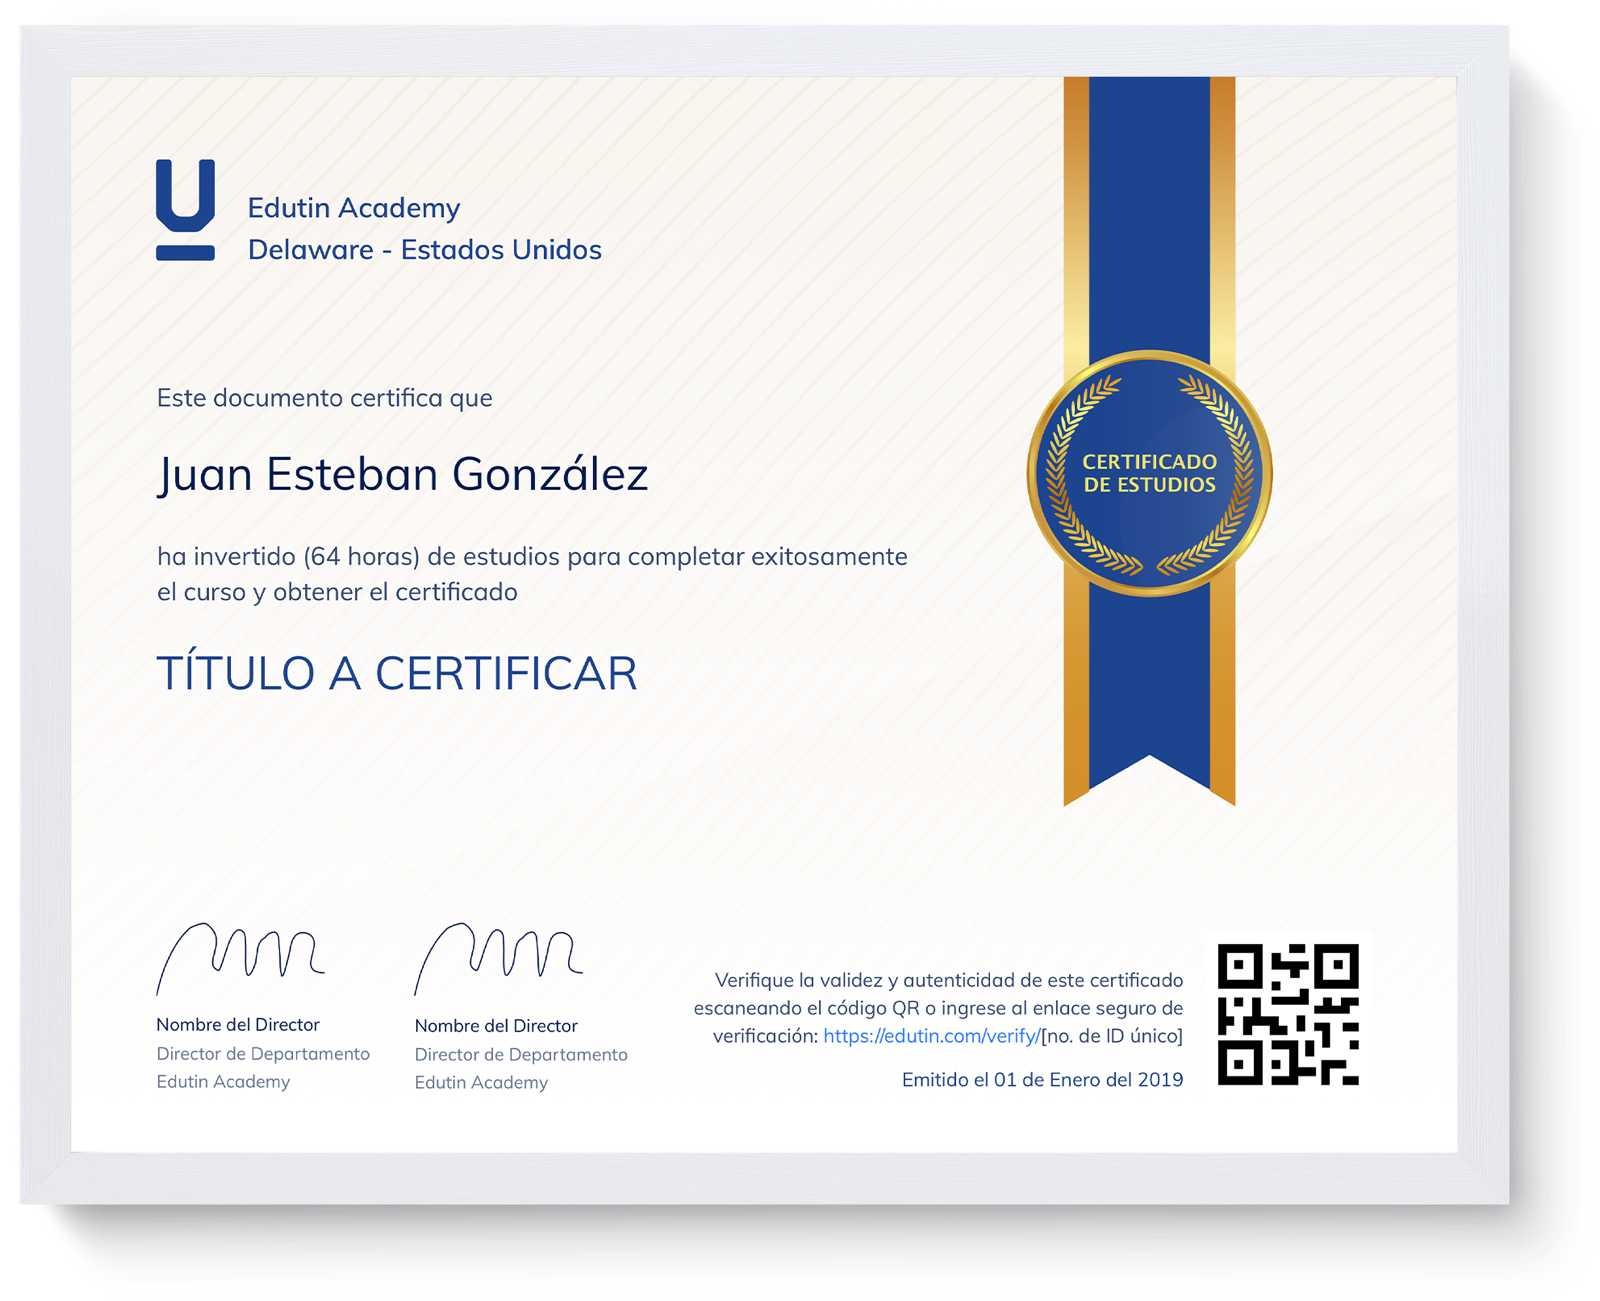 Certificado de estudios